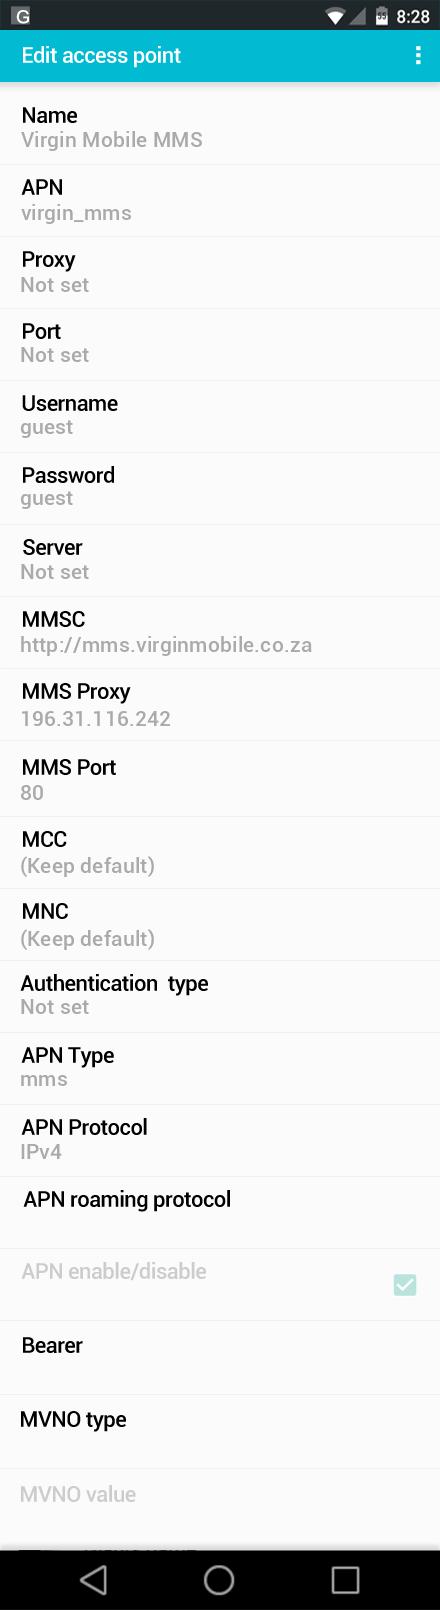 Virgin Mobile MMS APN settings for Android